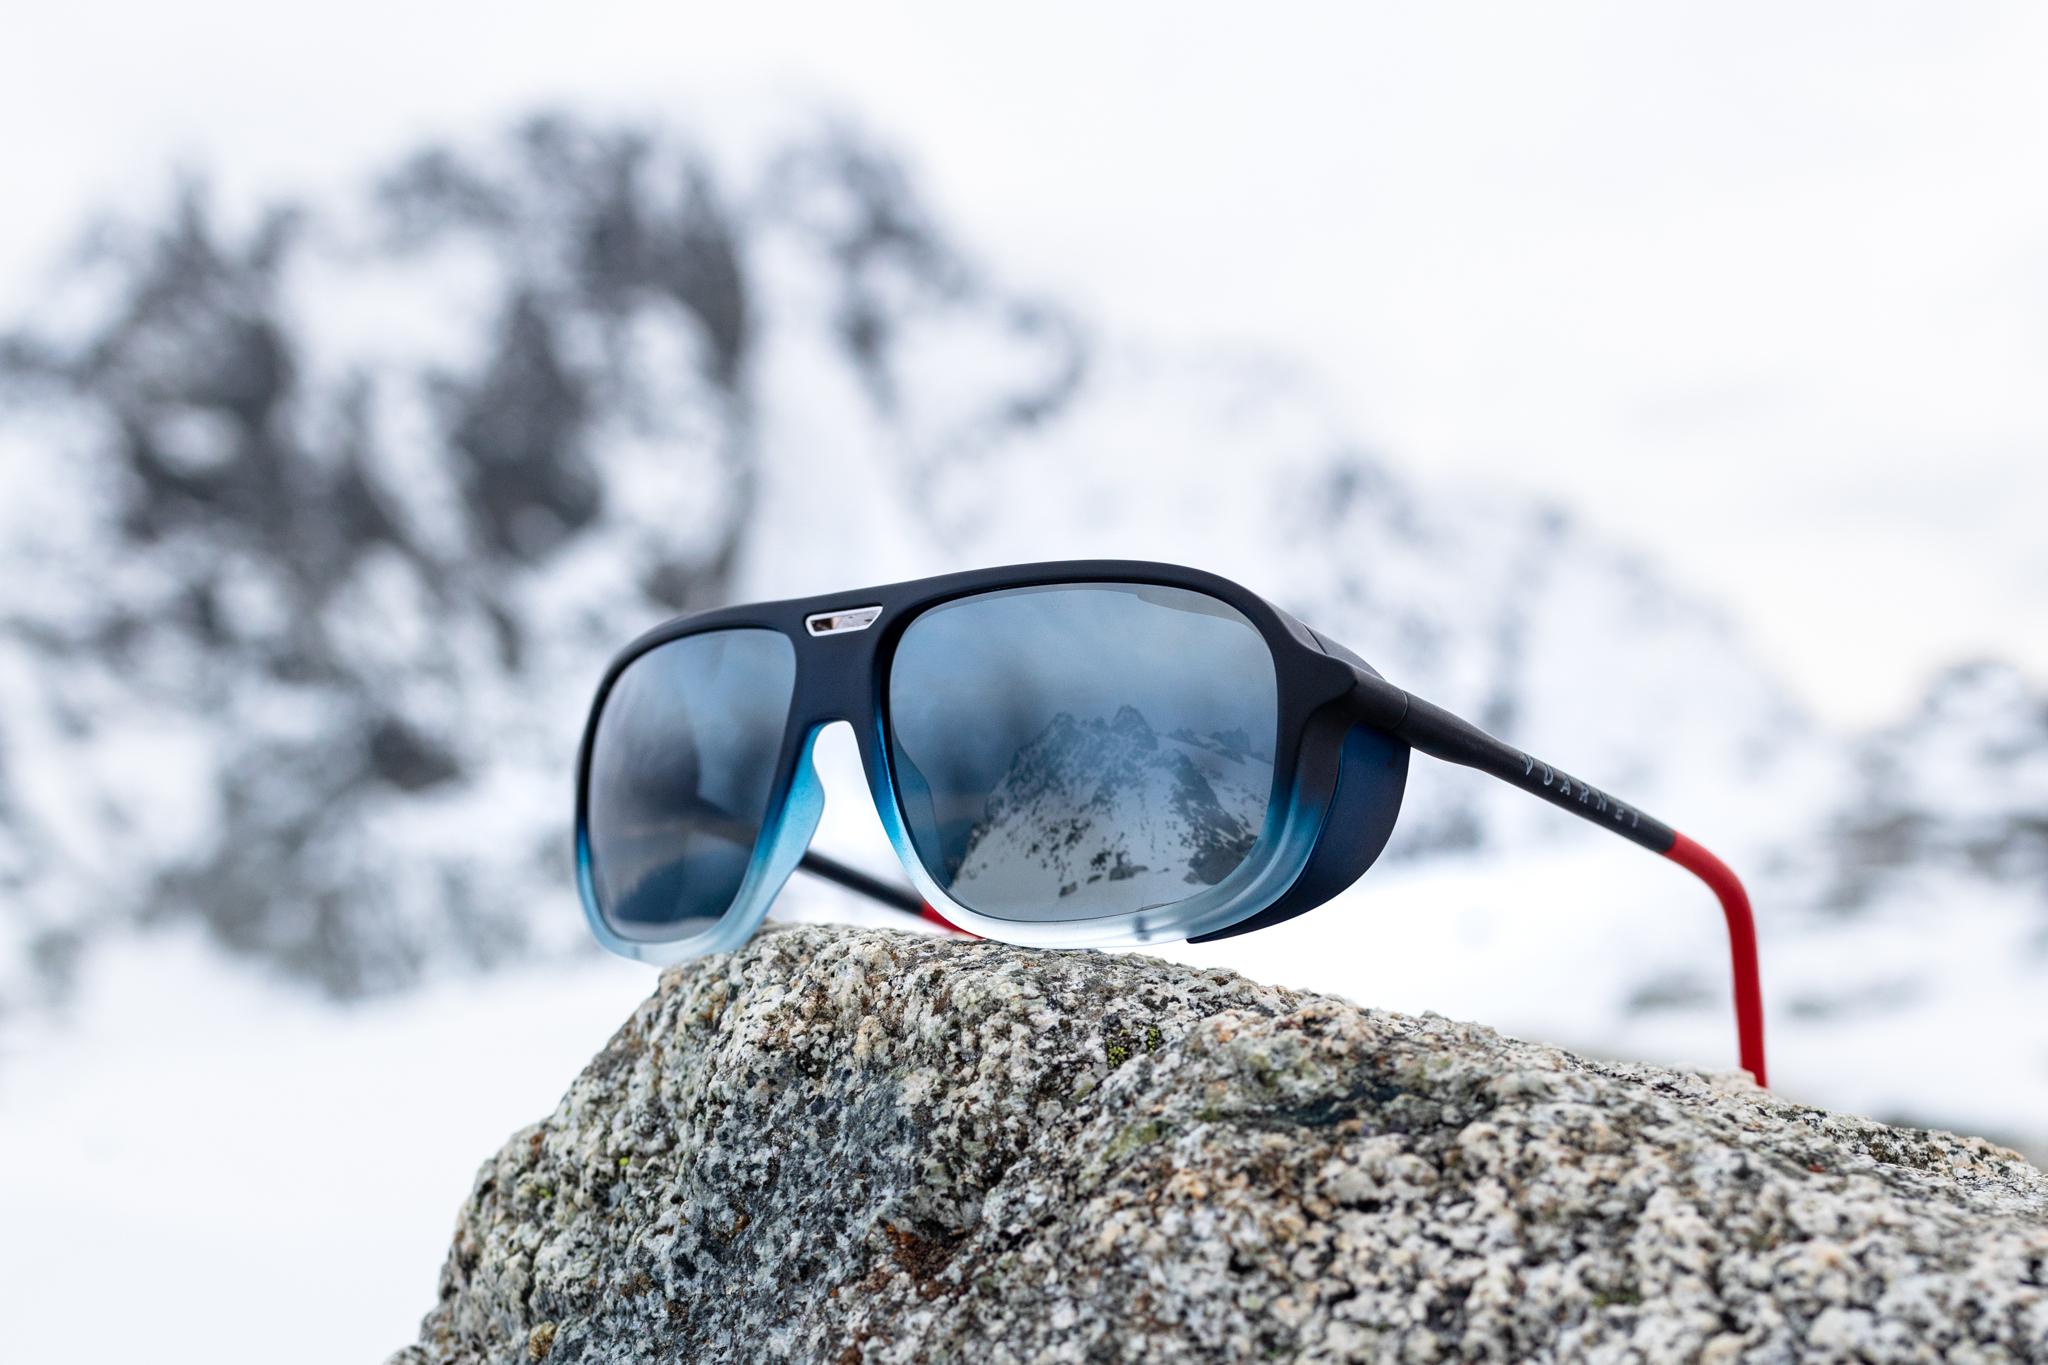 stüve und feller optic, köln,Sonnenbrillen, Skibrillen, Sportbrillen, Skilynx, Nightlynx, ICE, SWING, RACING, CAP, Kontaktlinsen, Sonnenbrillen in individueller Sehstärke,